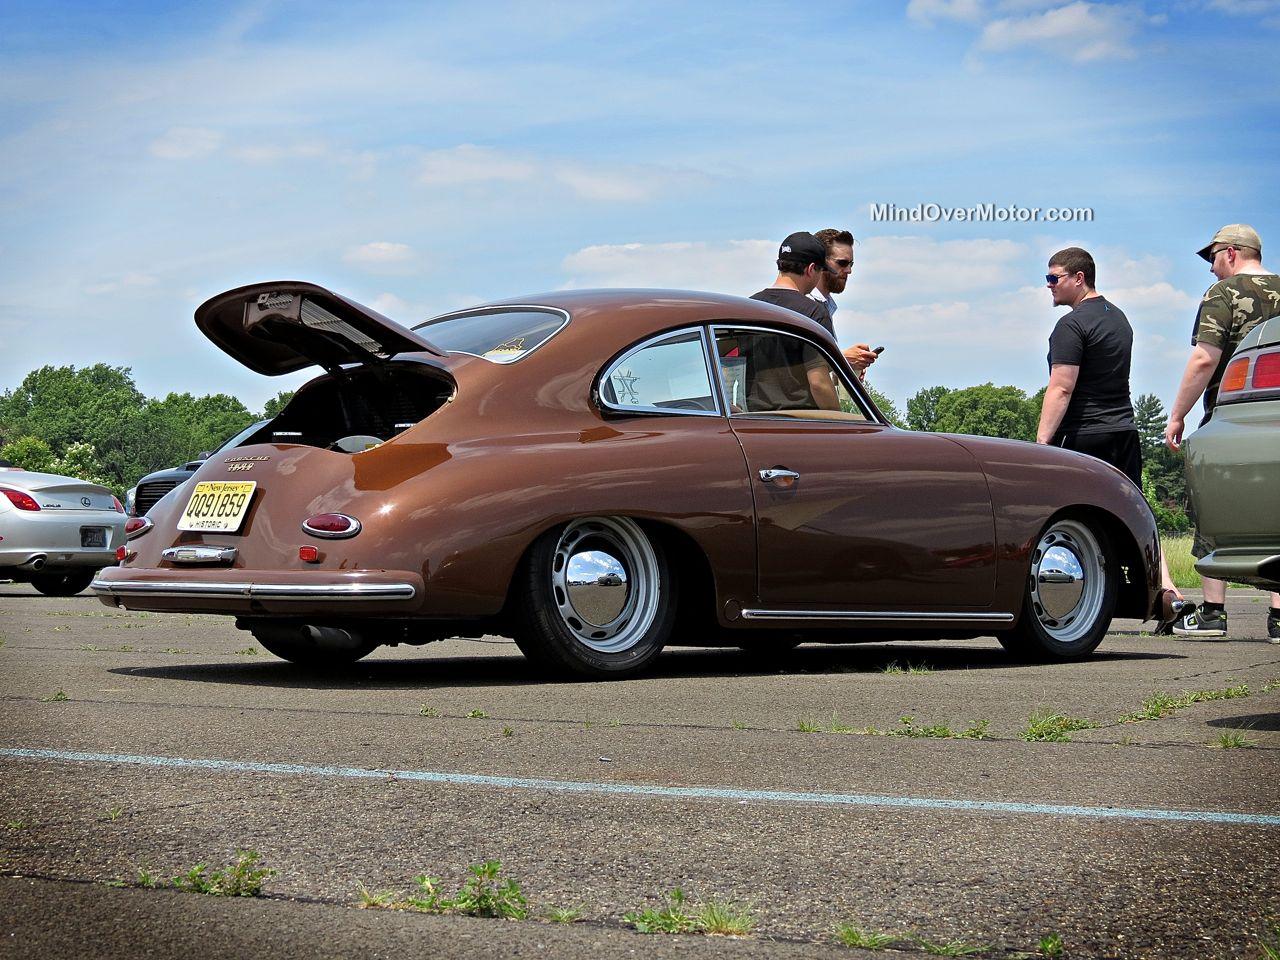 Slammed Porsche 356 at CF Charities